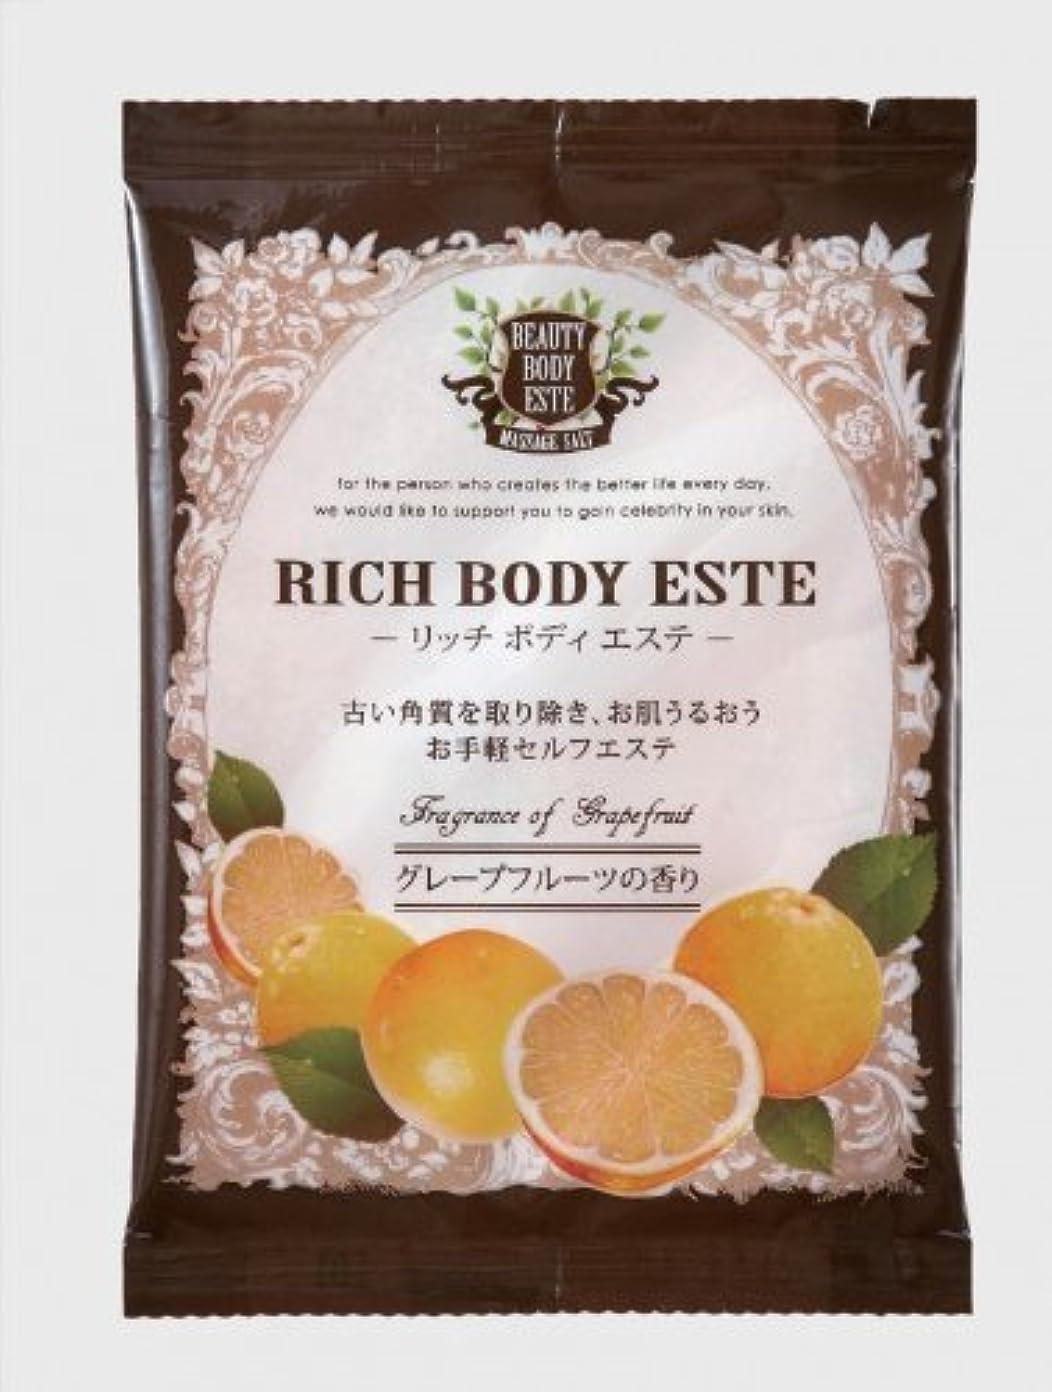 マラドロイトバリア加入リッチボディエステ マッサージソルト(グレープフルーツの香り)50g (フラワー系)